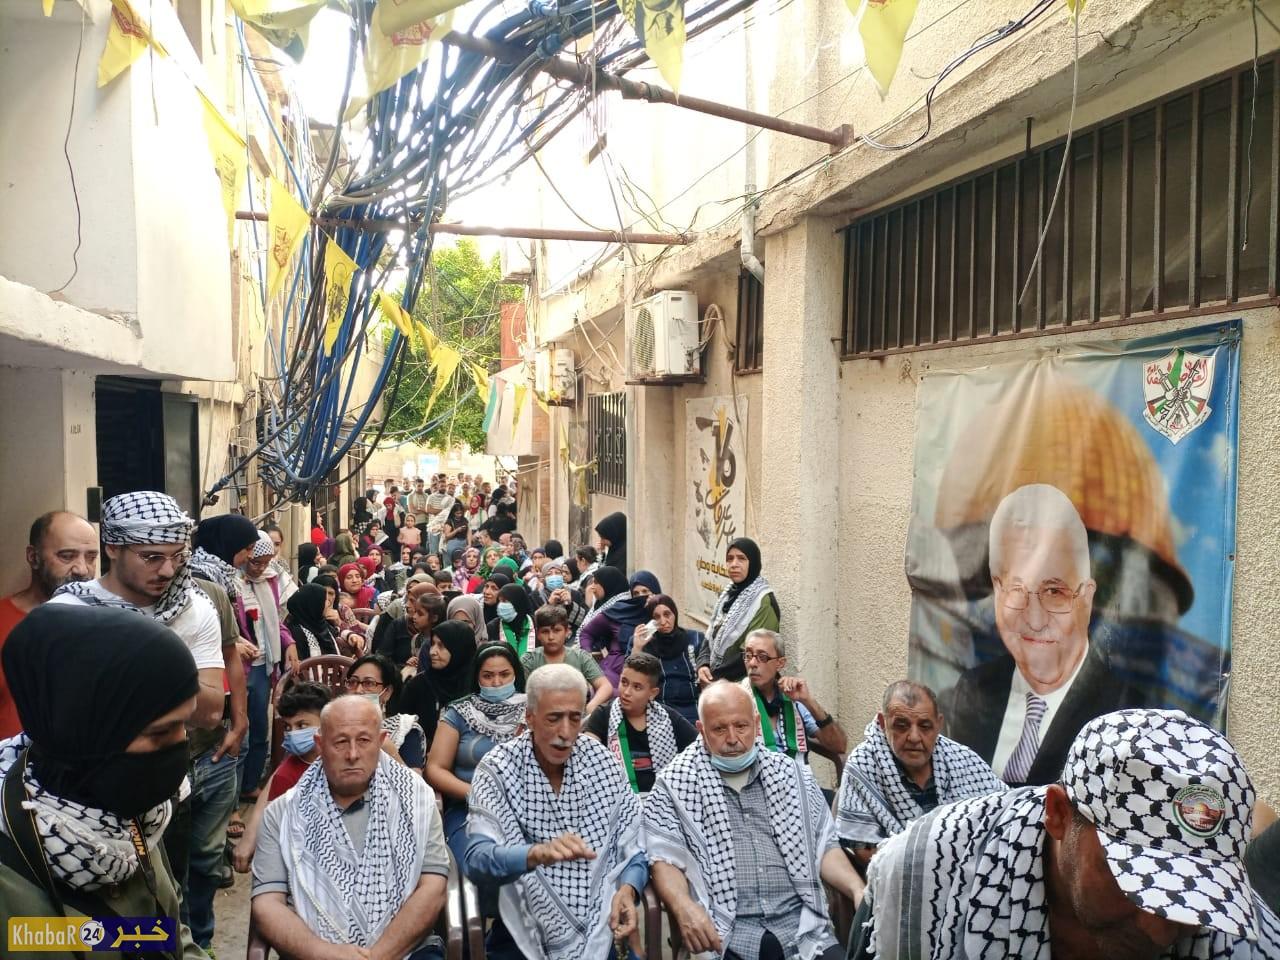 هكذا تابع اللاجئون الفلسطينيون في مخيم برج البراجنة بلبنان خطاب الرئيس محمود عباس في الأمم المتحدة